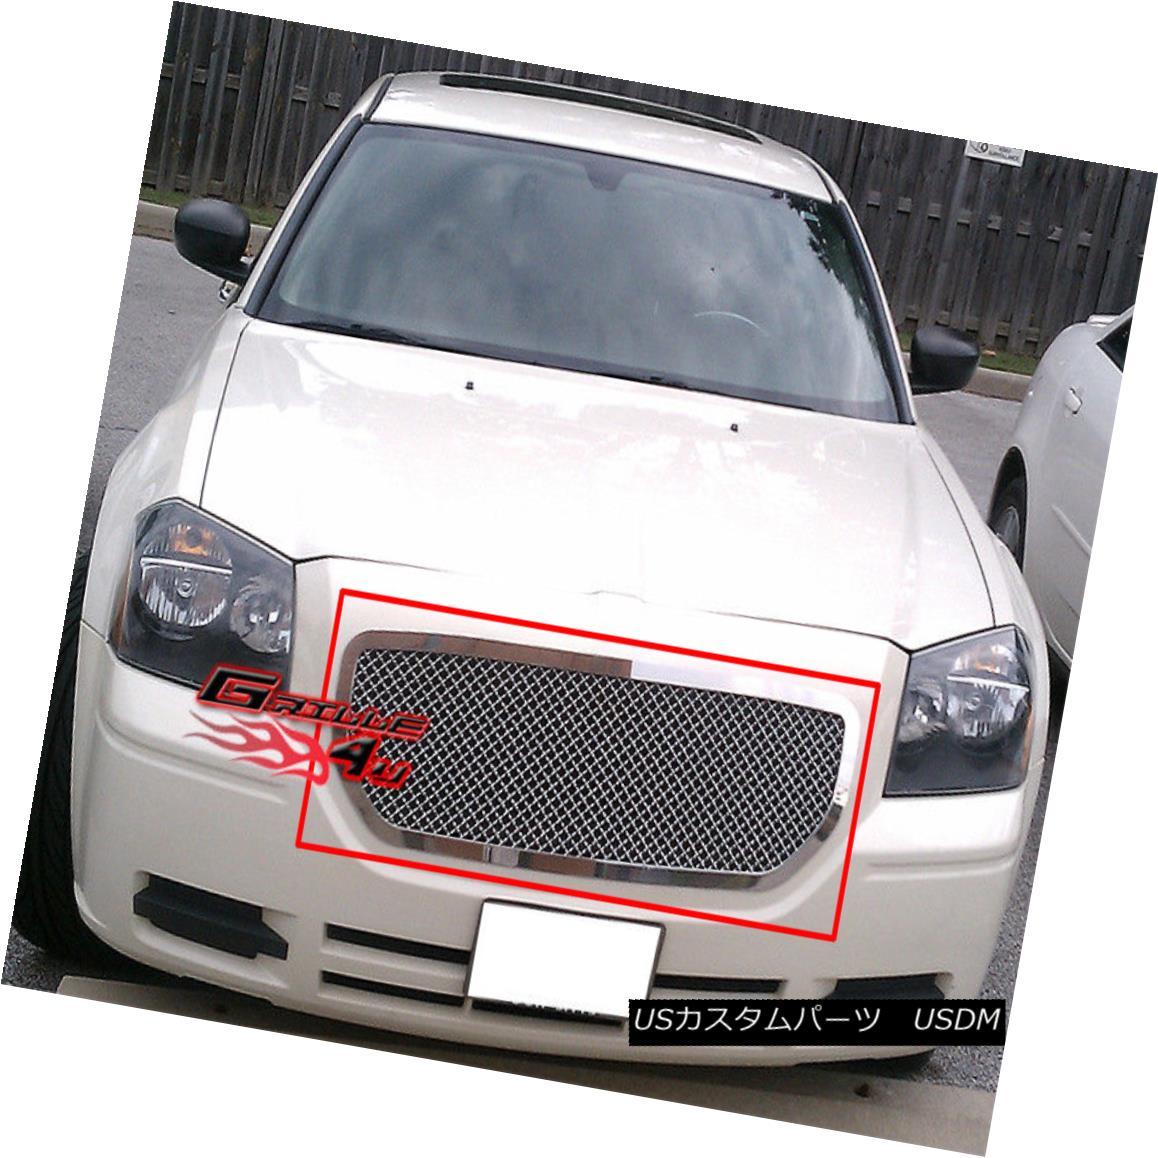 グリル Fits 2005-2007 Dodge Magnum Stainless Mesh Grille Insert 2005-2007 Dodge Magnumステンレスメッシュグリルインサートに適合